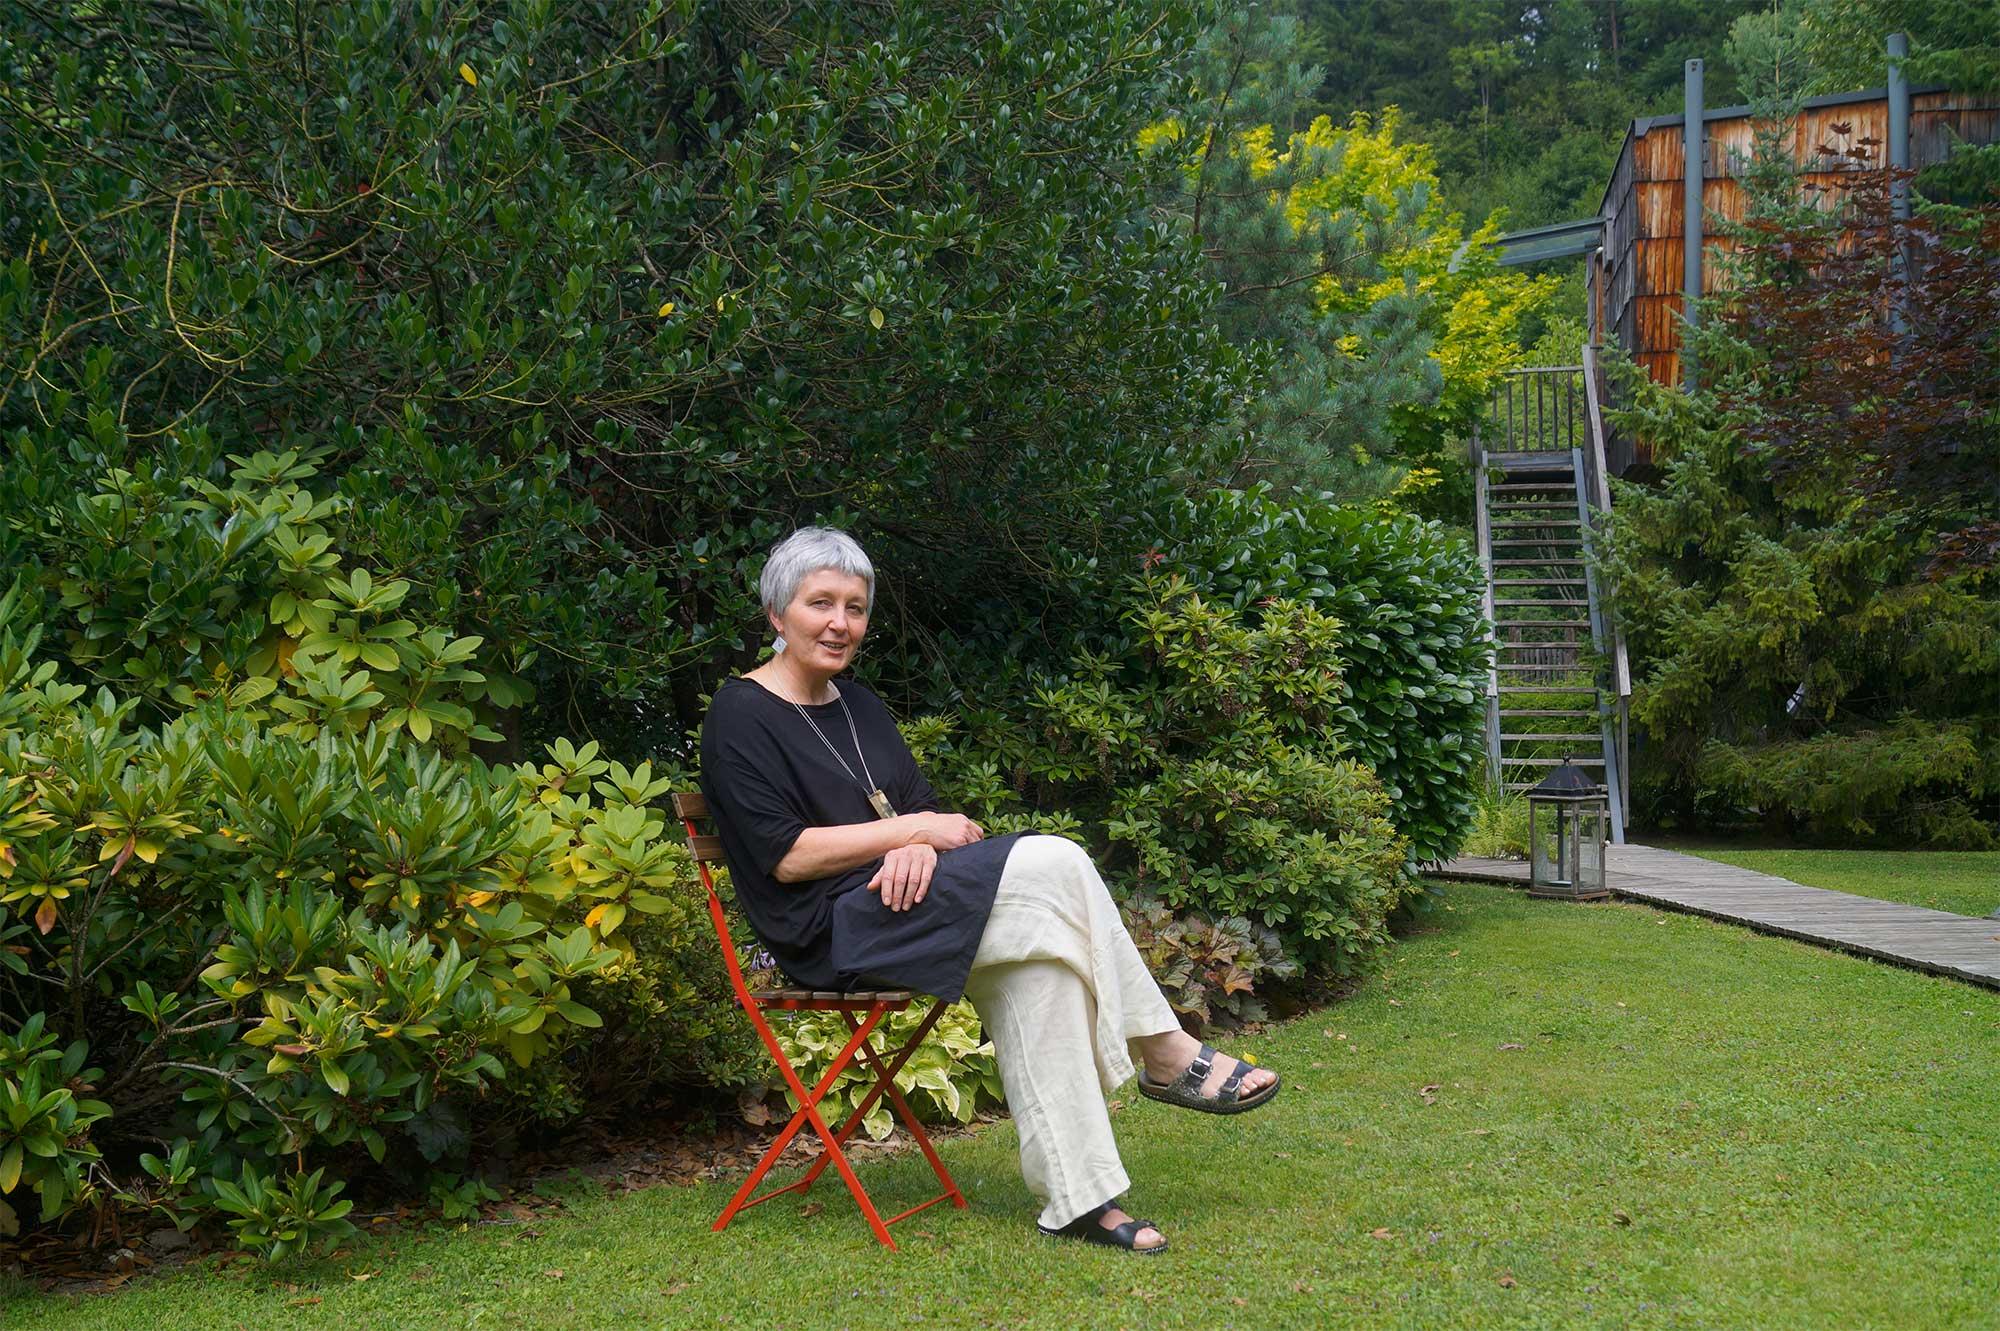 Martina entspannt sich auch selbst am liebsten im Garten